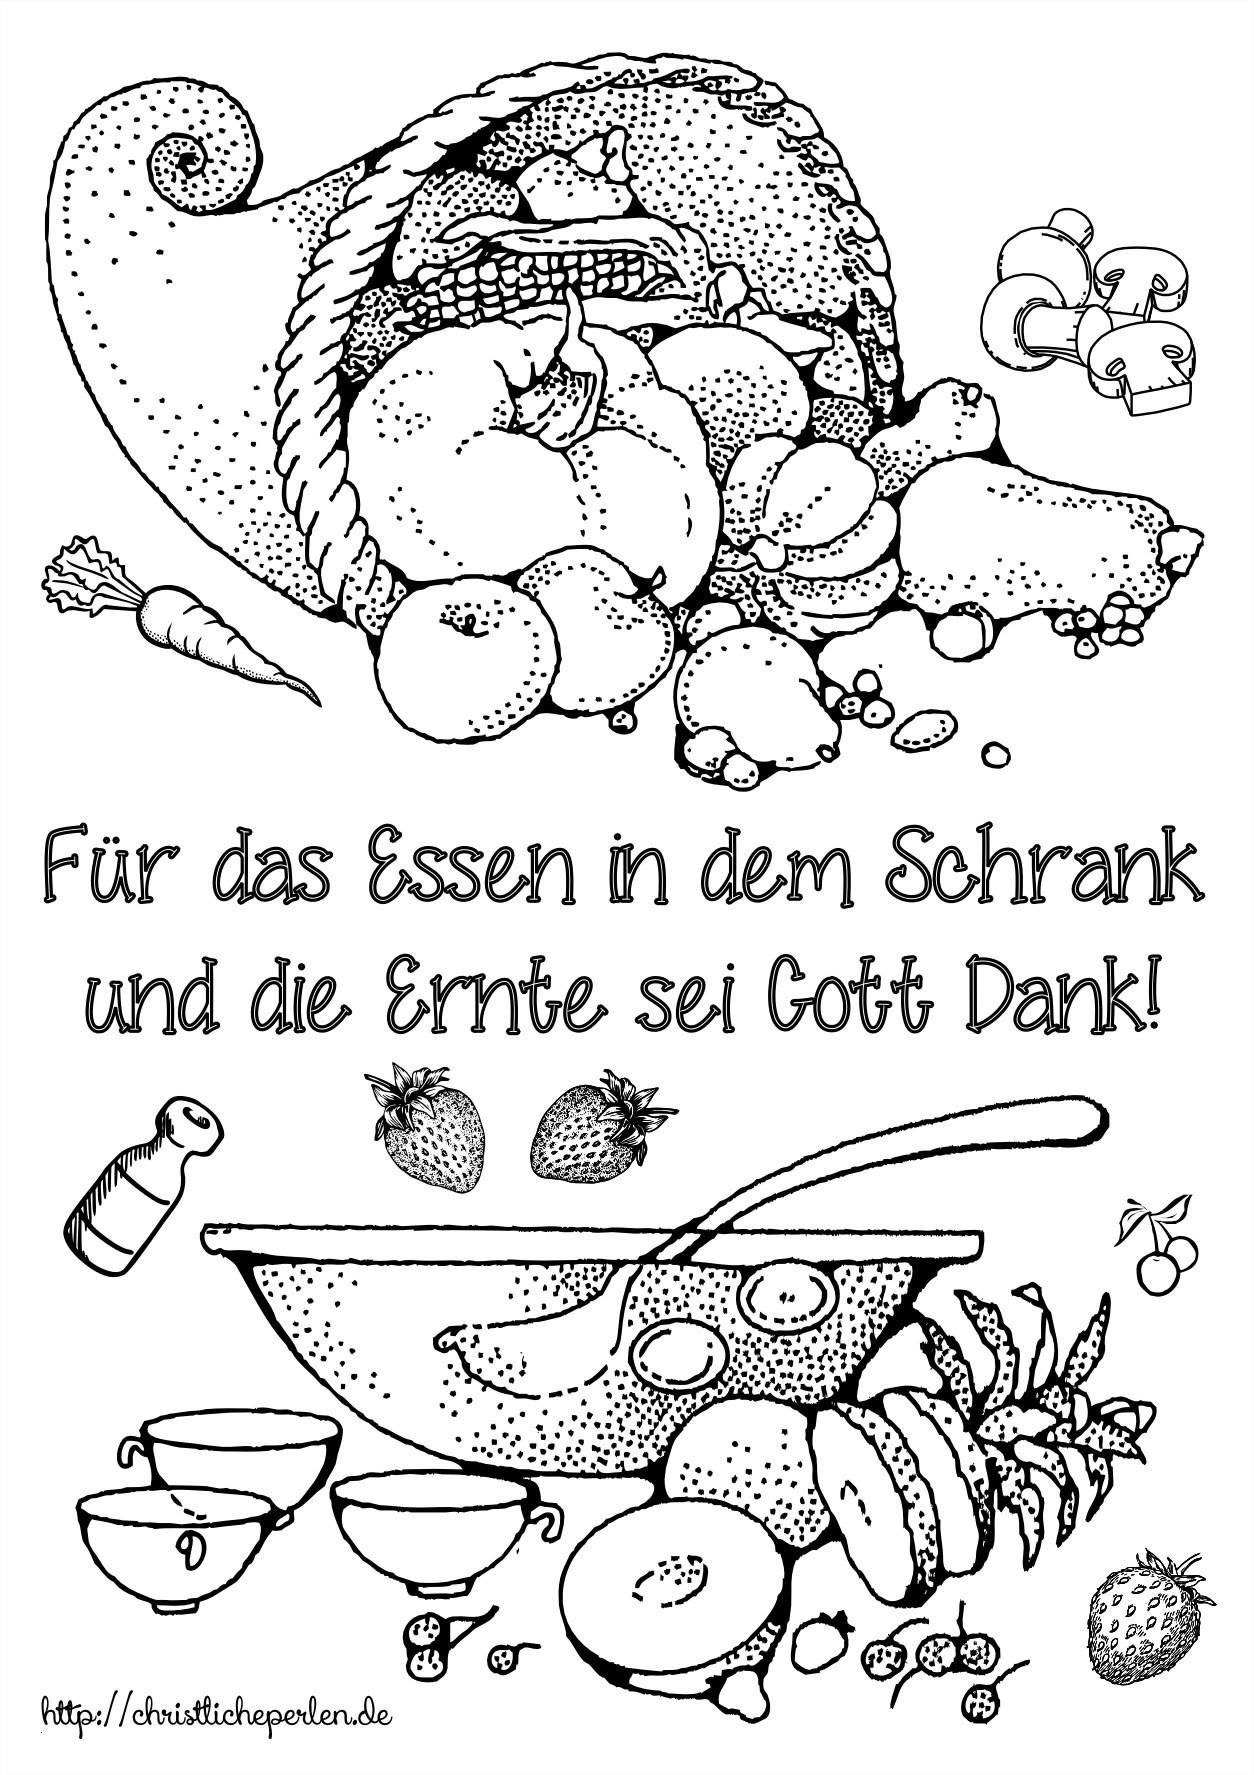 Ninjago Ausmalbilder Kostenlos Genial Ausmalbilder Schule Kostenlos Einzigartig Bayern Ausmalbilder Frisch Bild